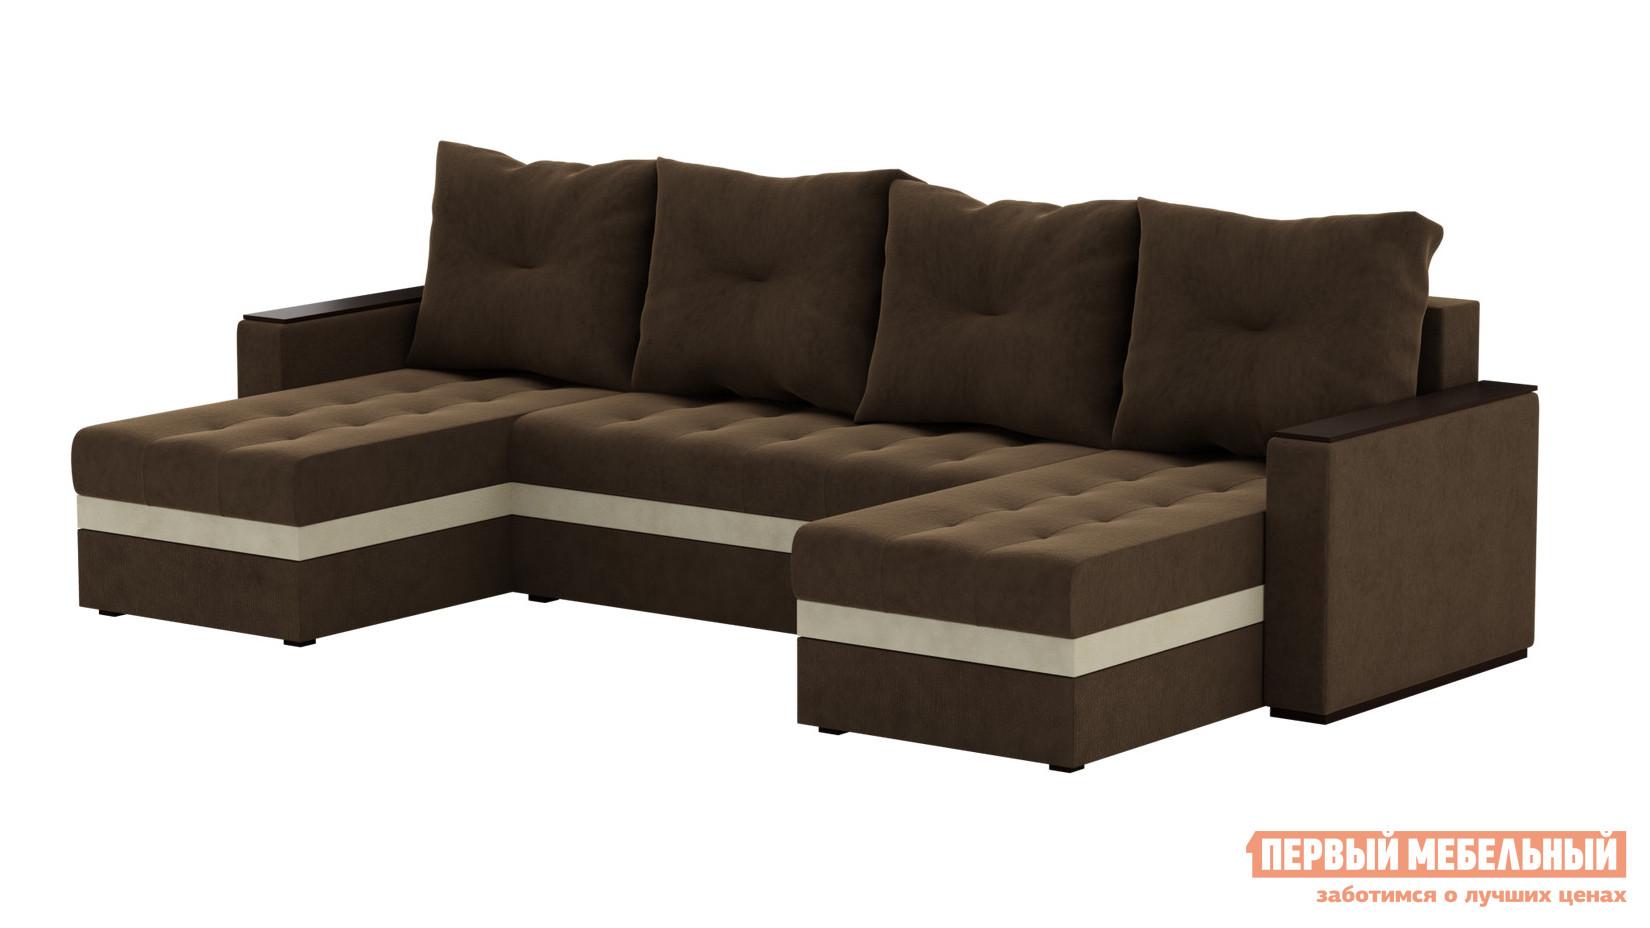 Угловой диван-кровать из кожи Мебелико Атланта П БС диван п образный угловой aria